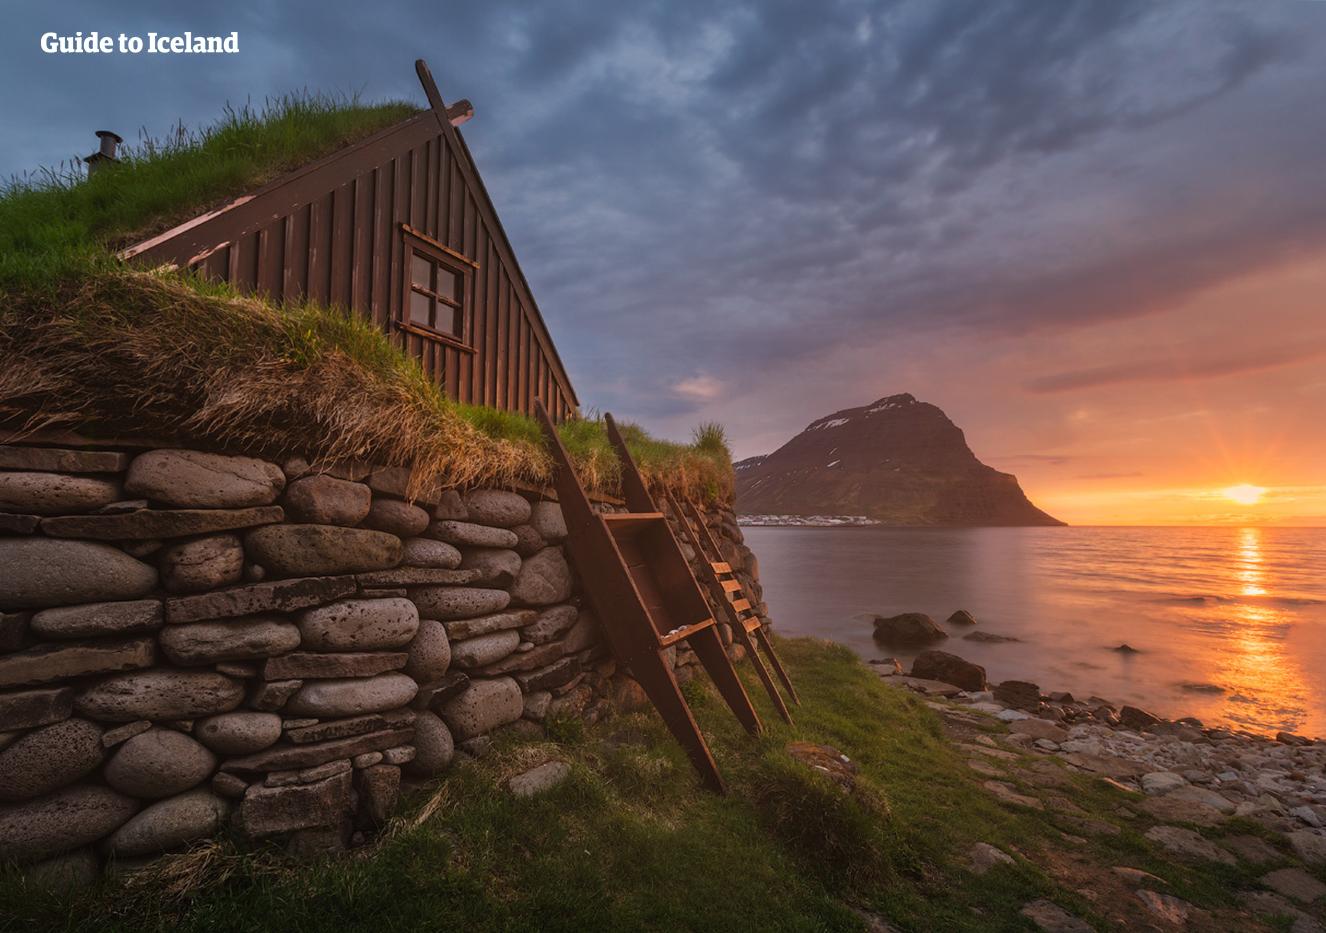 Antigua casa de césped tradicional en Bolungarvík, en los Fiordos del Oeste de Islandia.